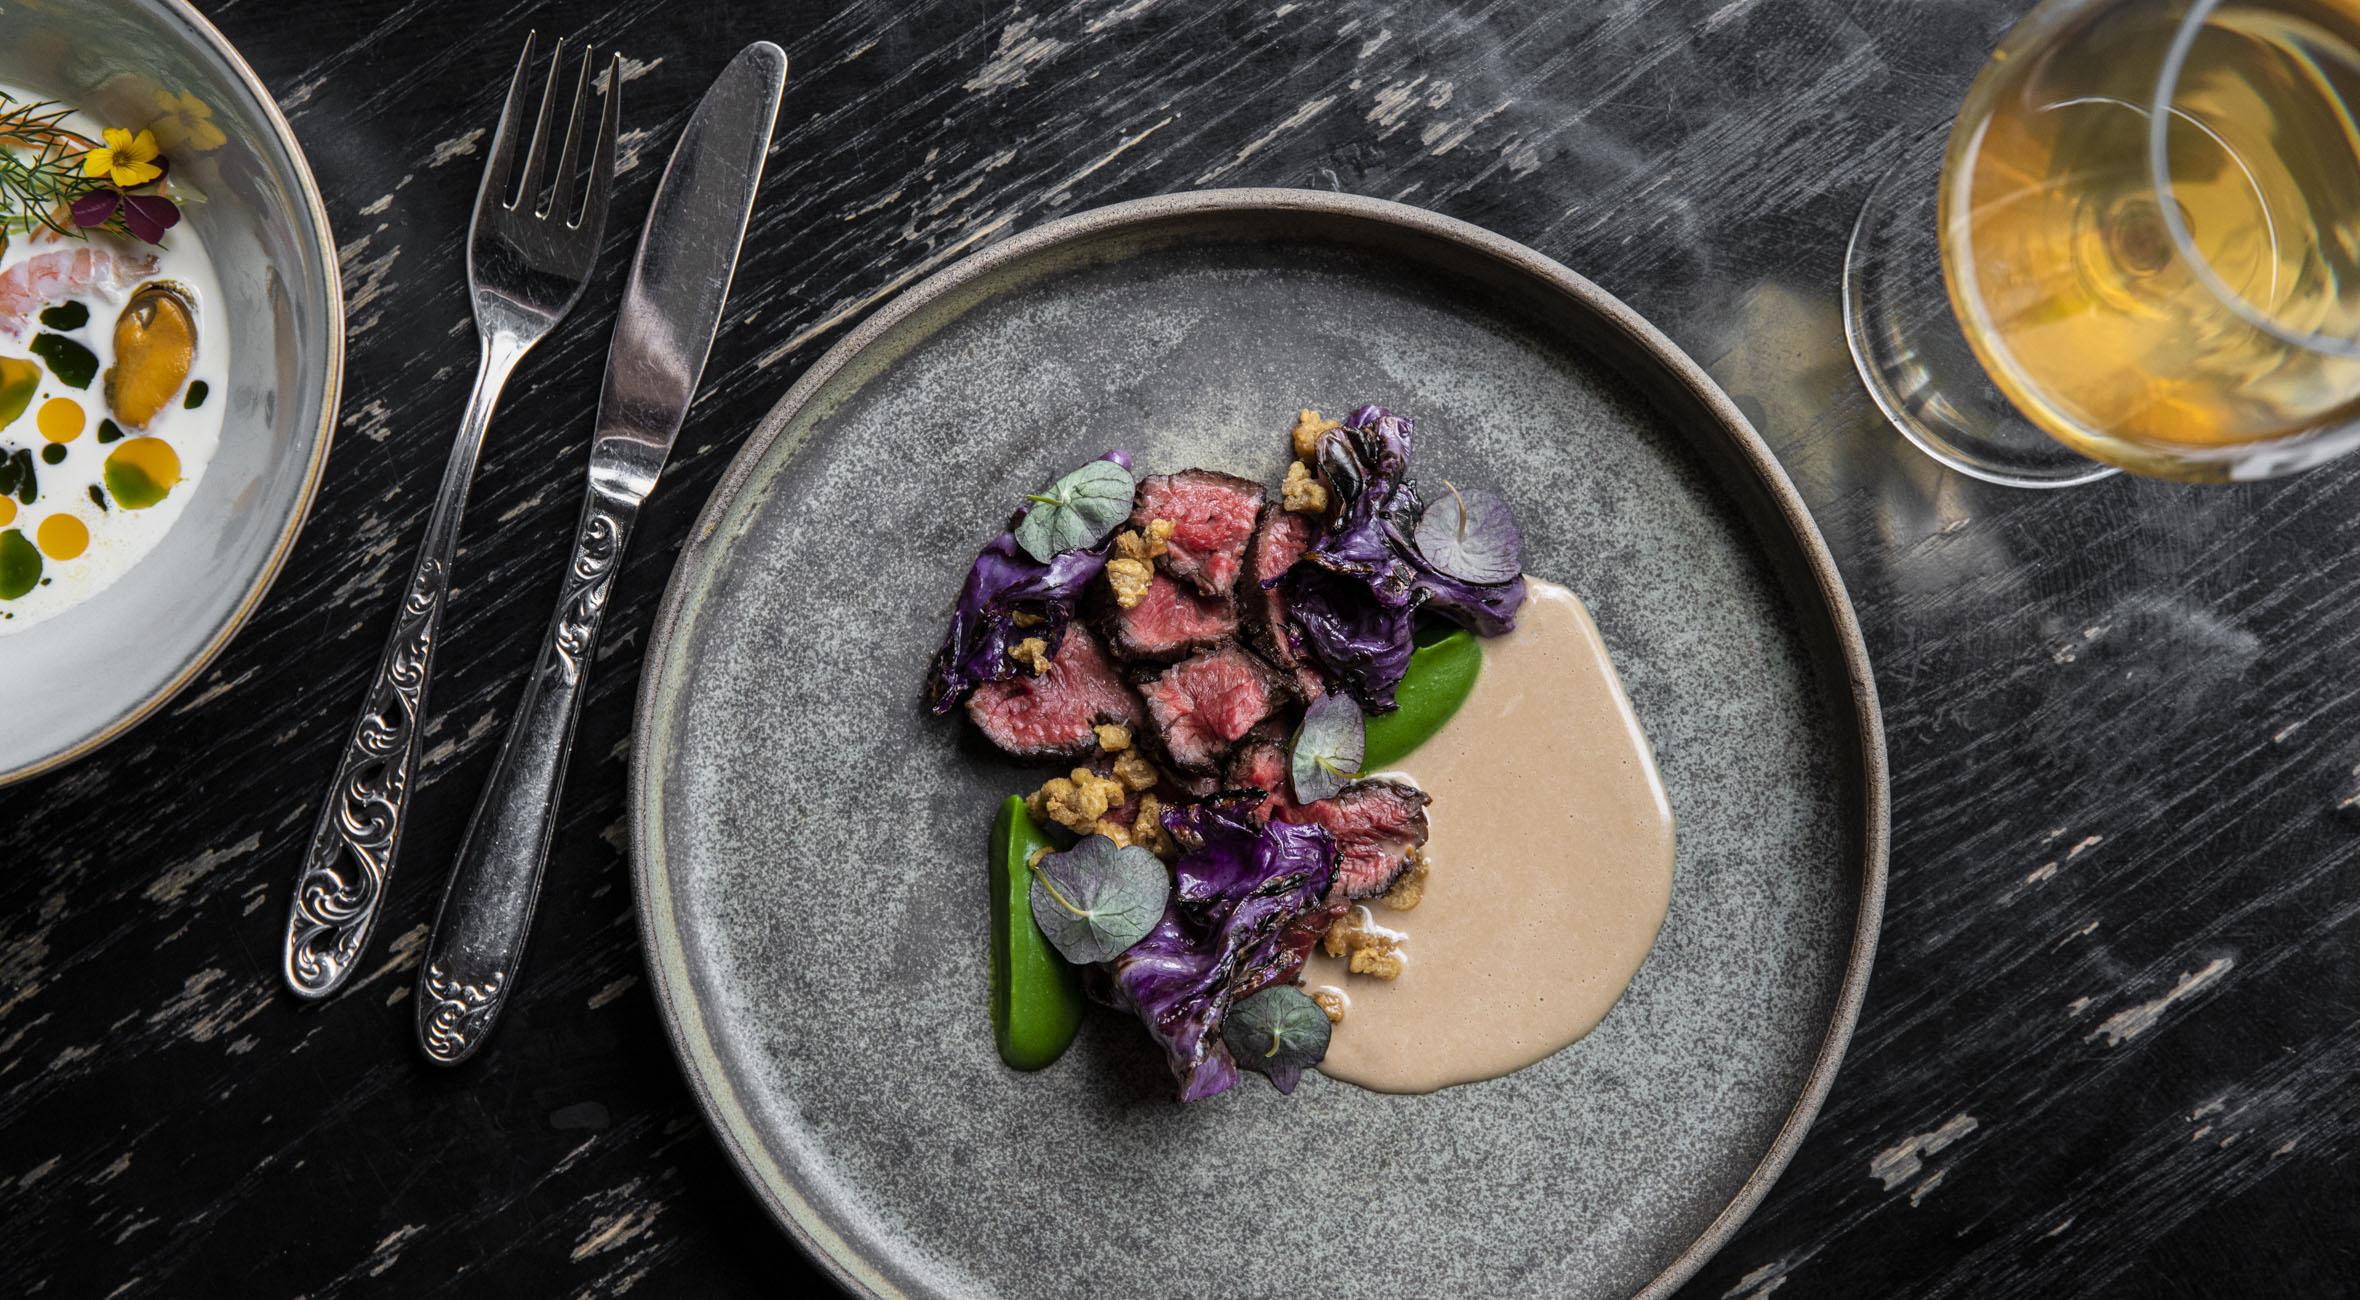 7 serveringer hos Naert i Indre By – Tidligere Michelin-kokke byder på topanmeldt nordisk gastronomi